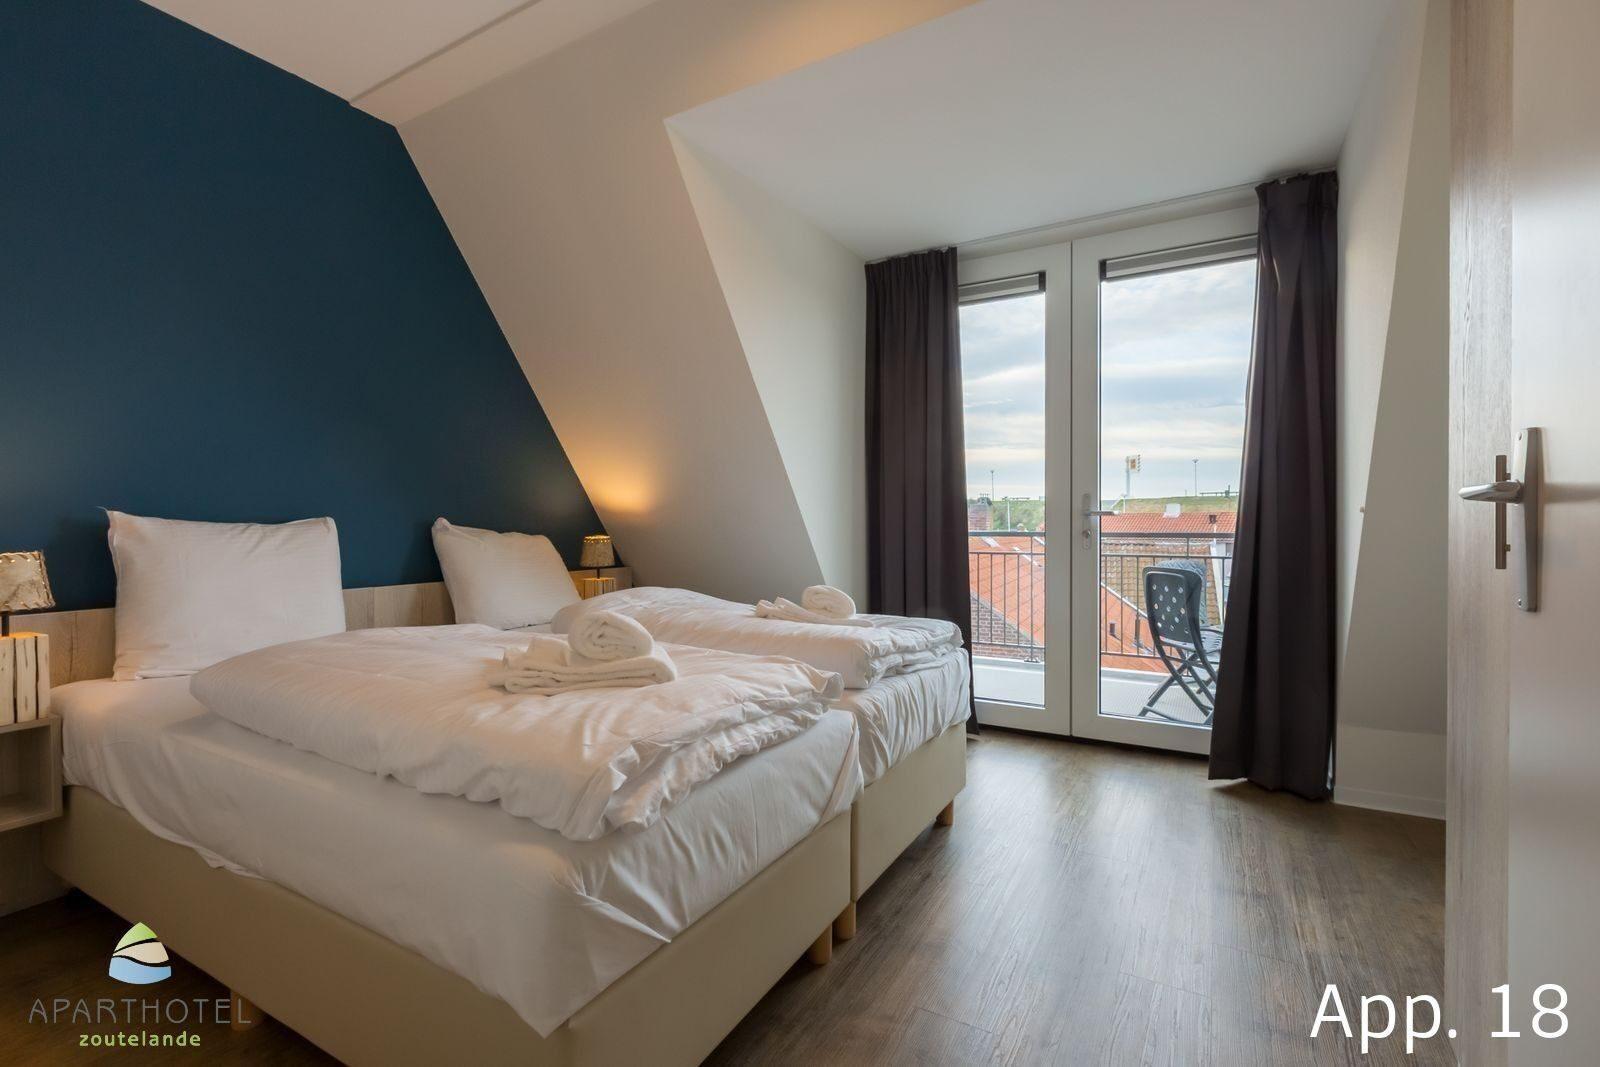 Luxe appartement | 6 personen | Huisdiervriendelijk